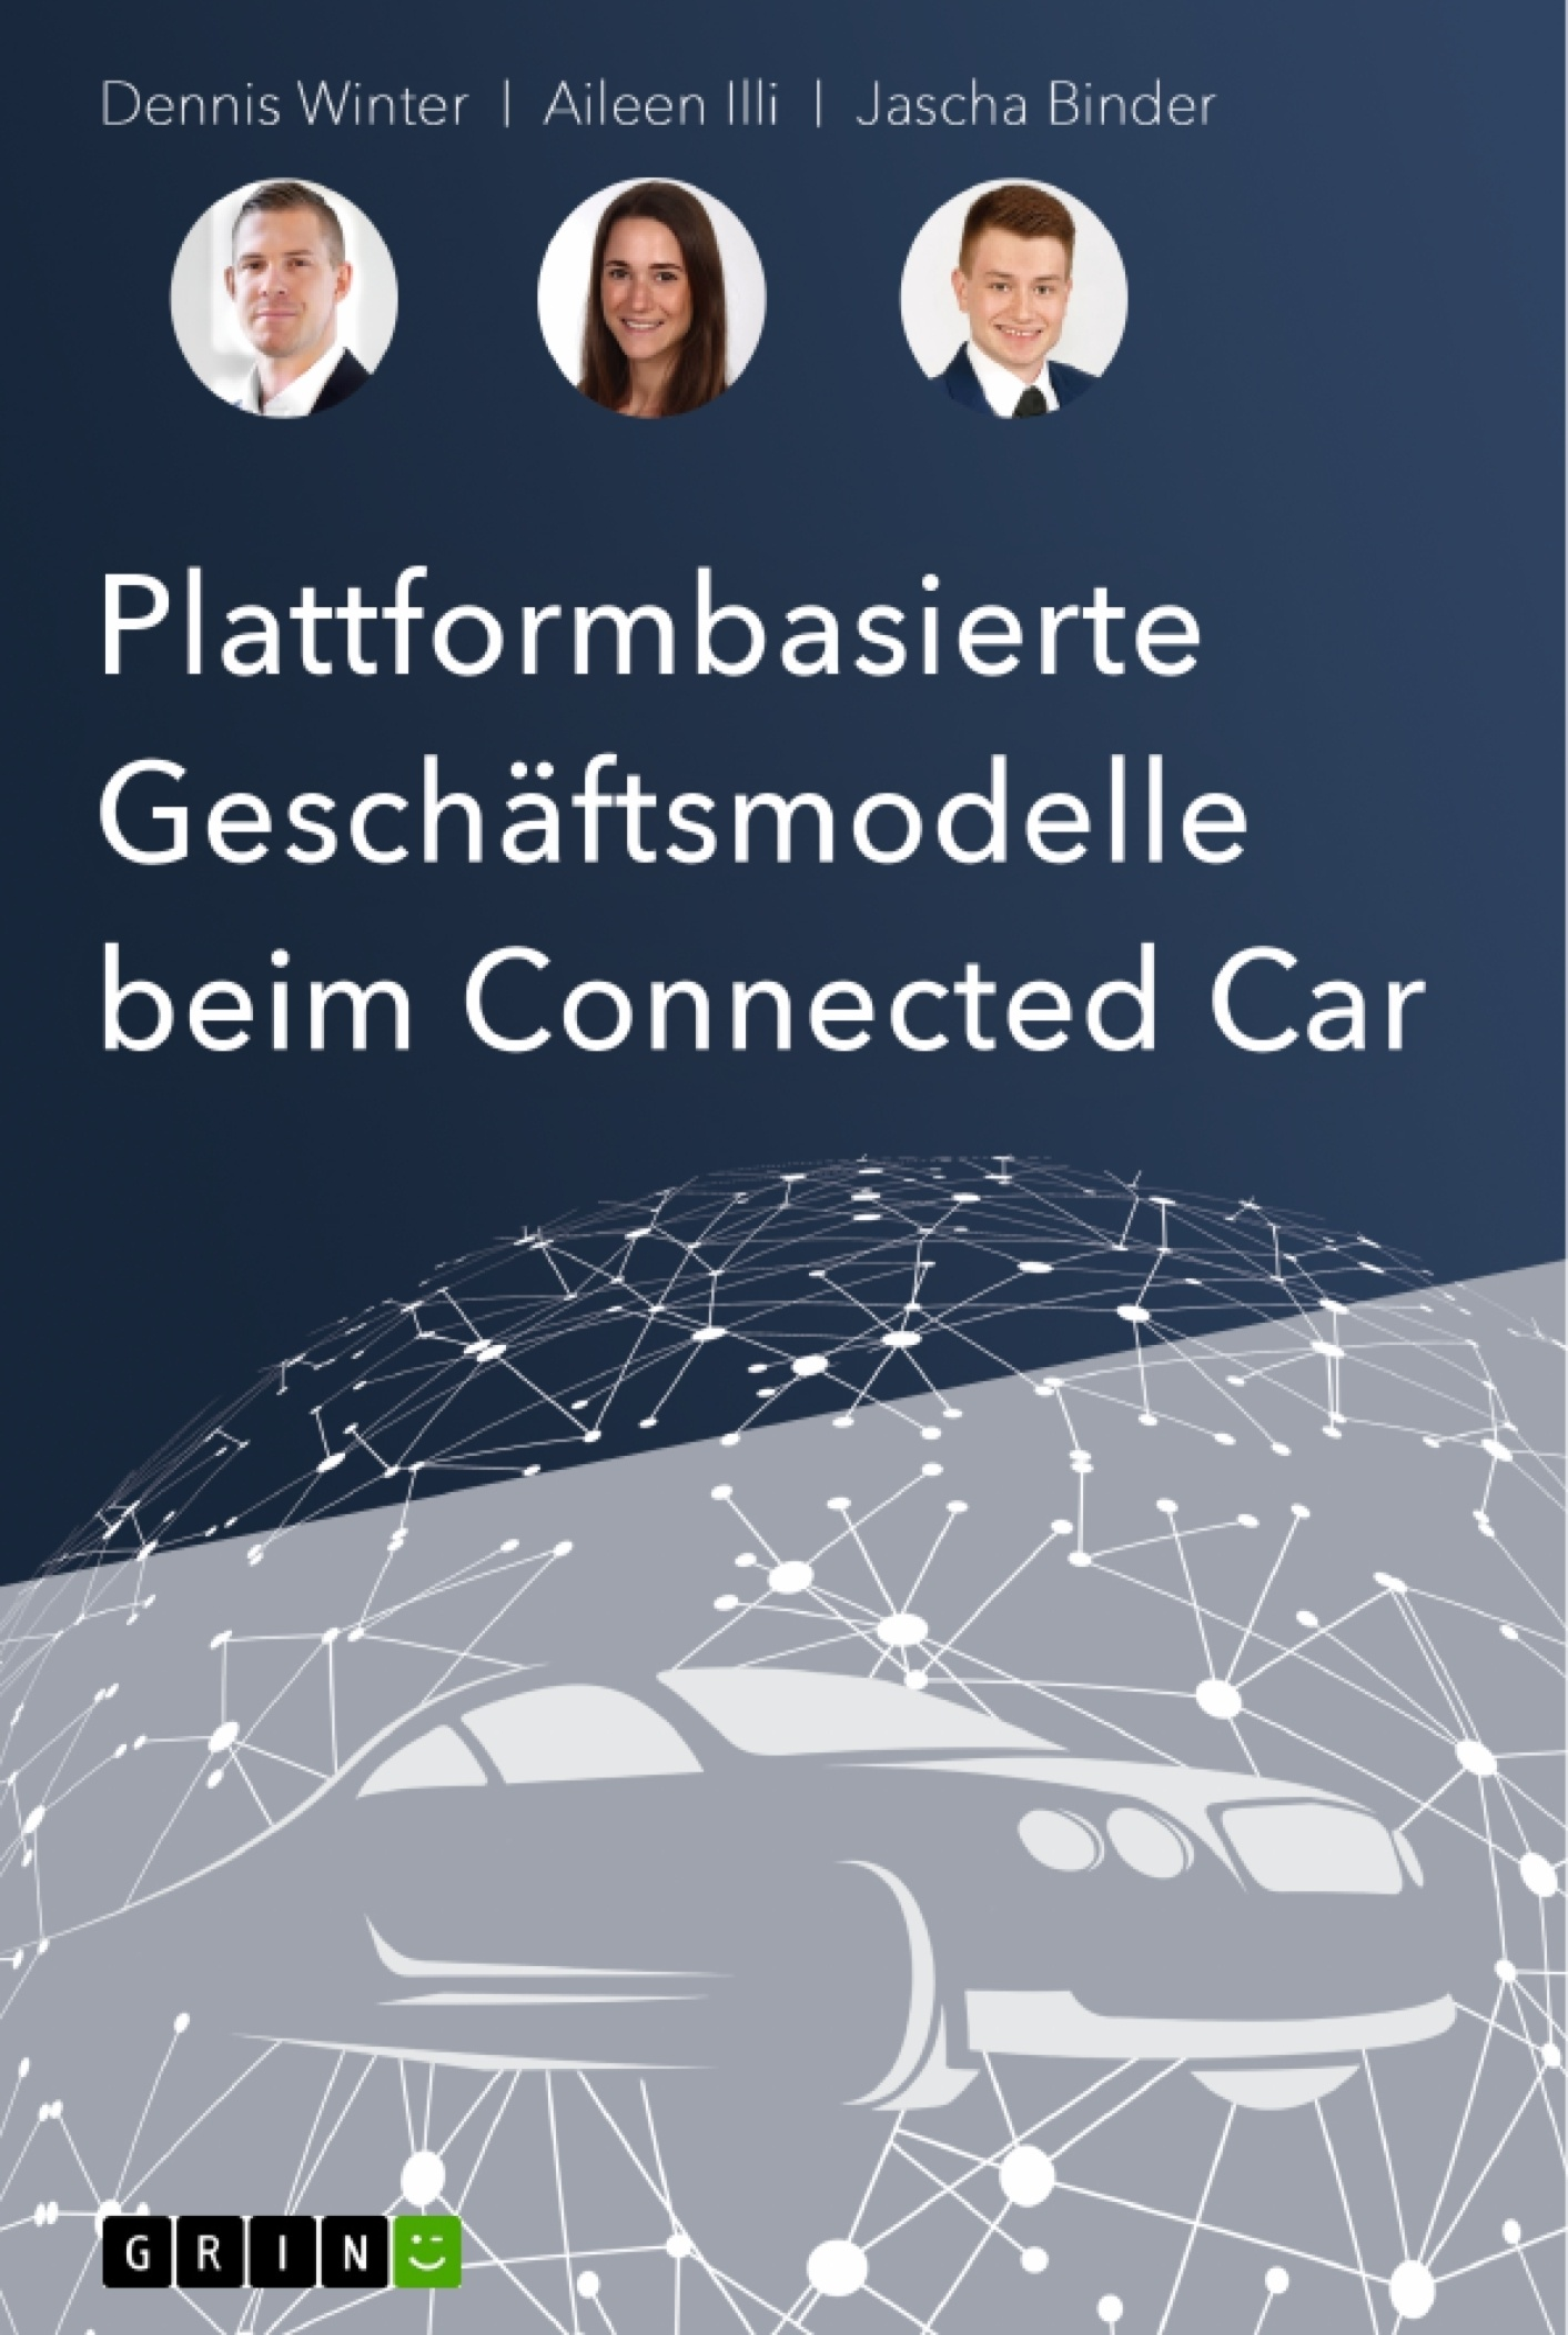 Titel: Plattformbasierte Geschäftsmodelle beim Connected-Car